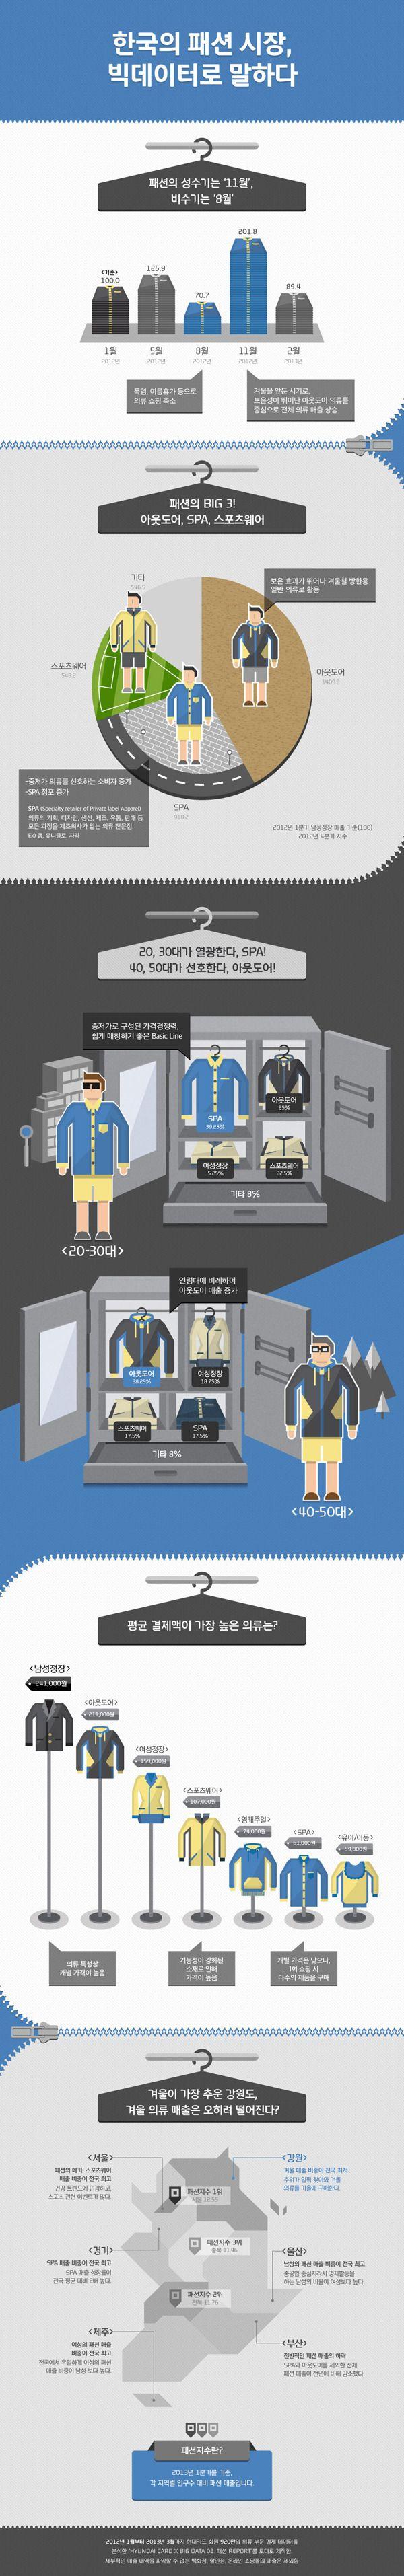 [상품에 담긴 과학] 경기도? 전라도? 절대적인 패션의 메카는 어디? [상품에 담긴 과학] 겨울이 가장 추운 강원도, 겨울 의류 매출은 오히려 떨어진다?